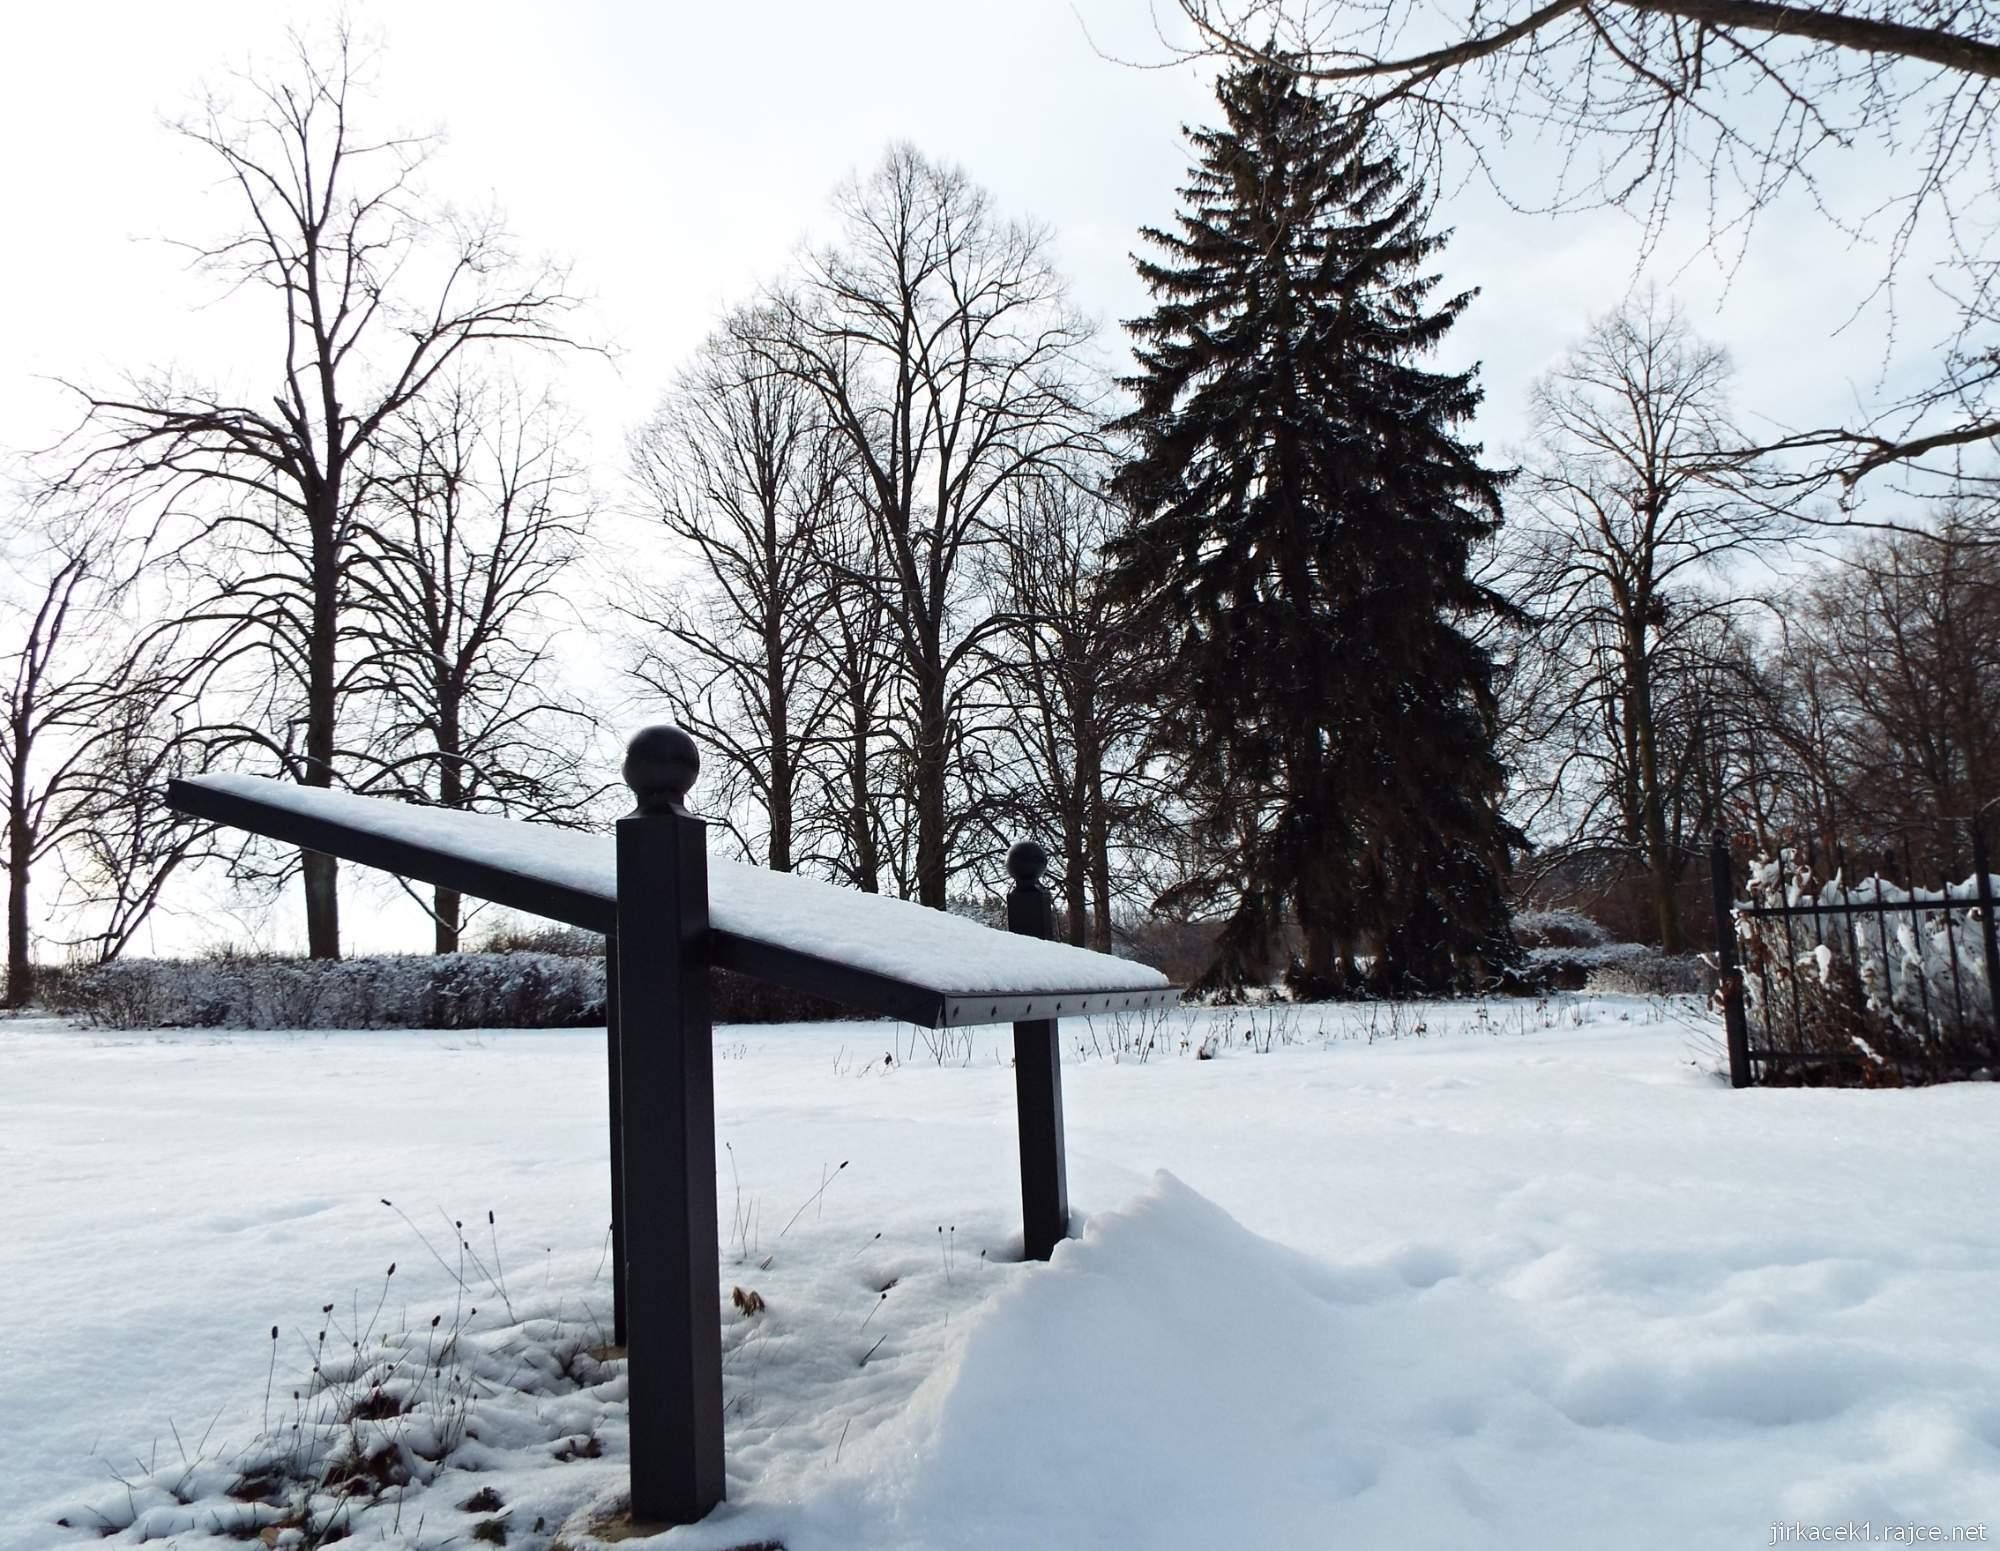 Růžový palouček - jeden z panelů naučné stezky v zimě